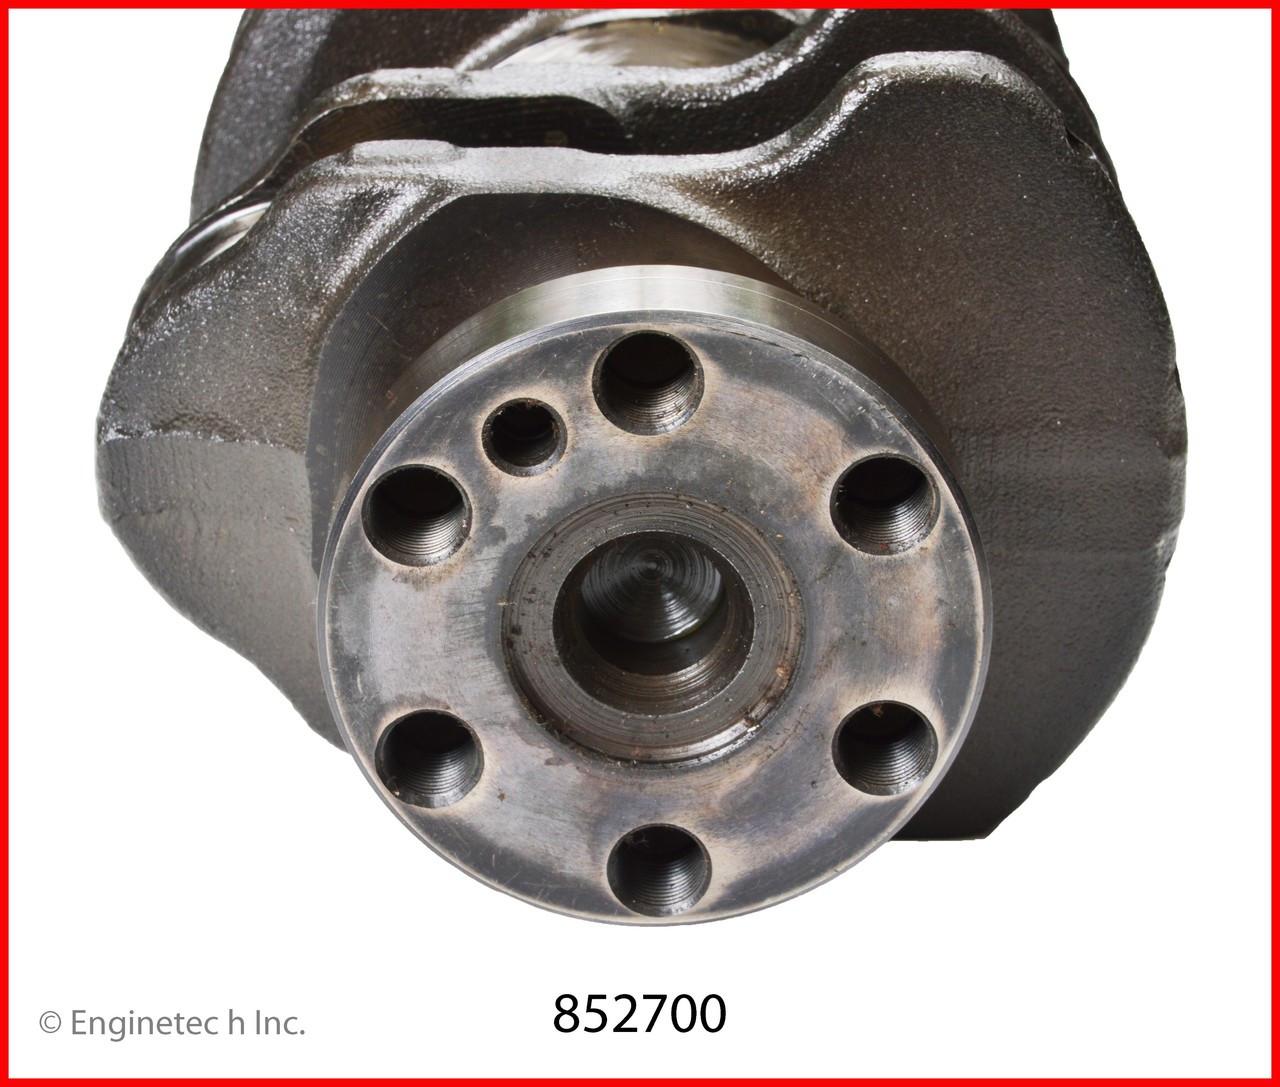 1996 Honda Civic 1.6L Engine Crankshaft Kit 852700 -17